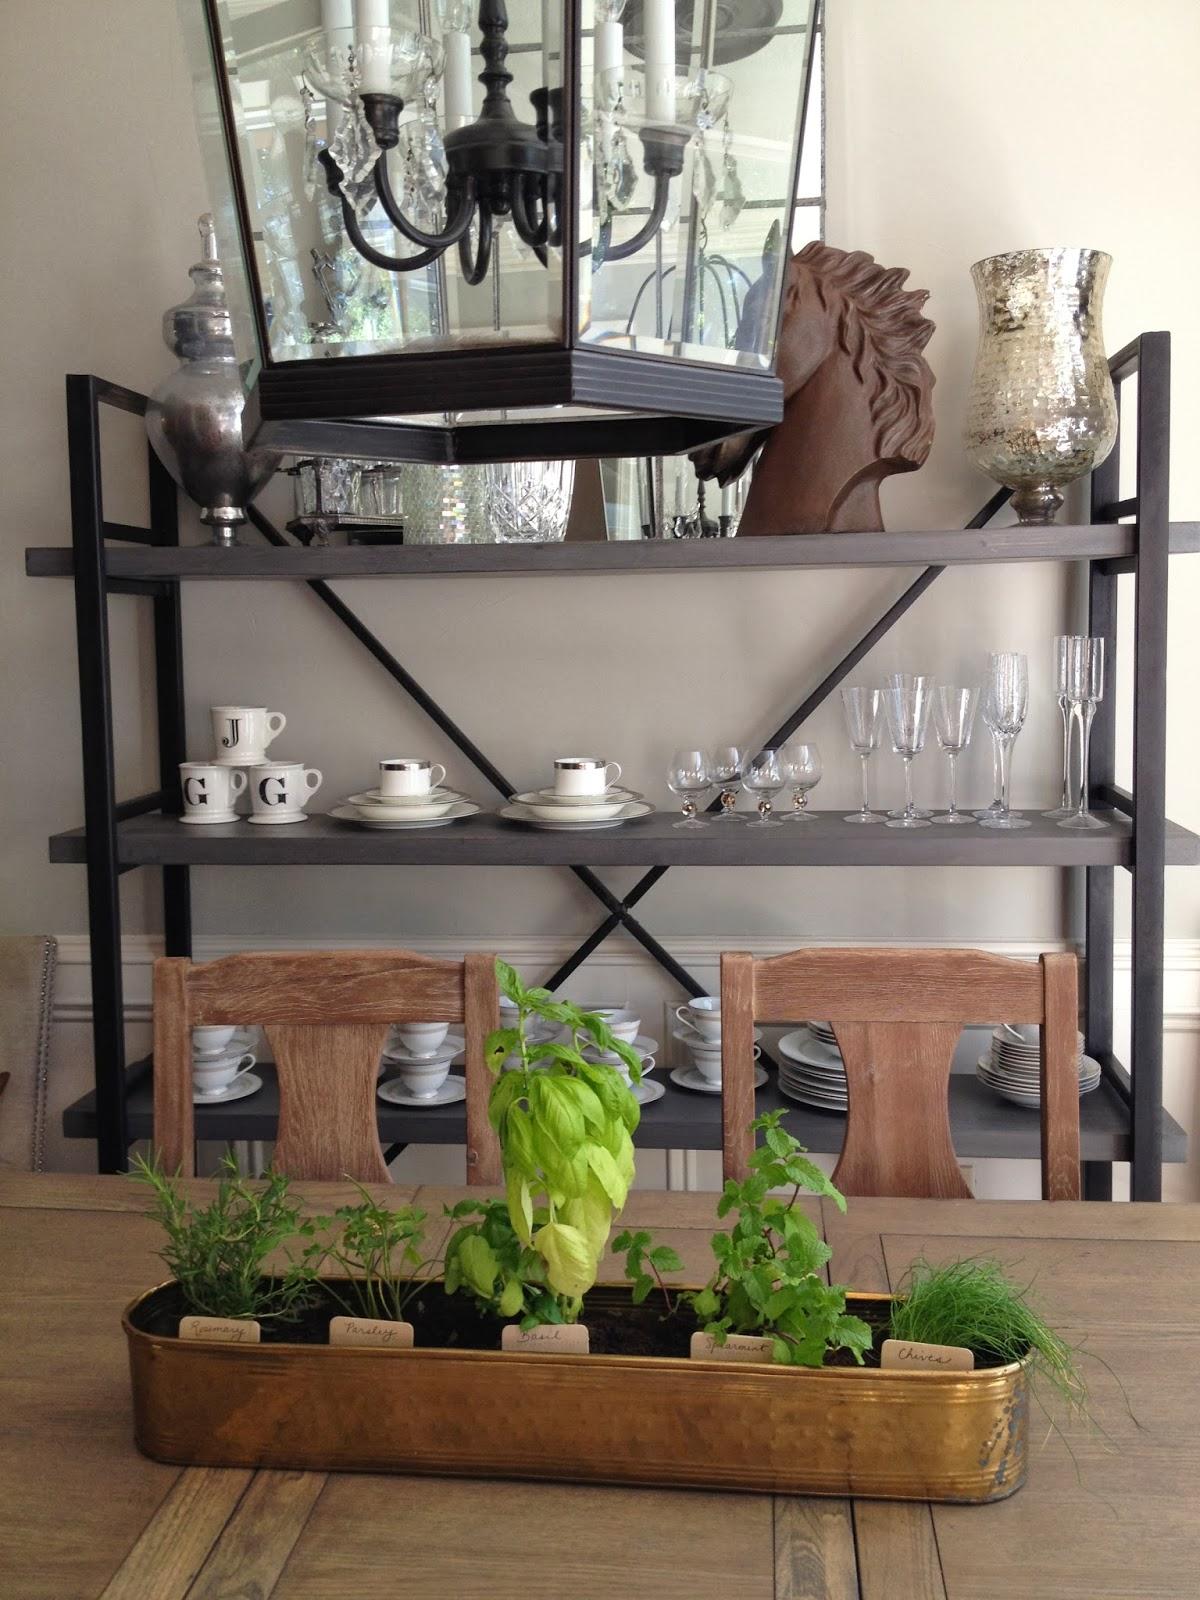 Diy Indoor Herb Garden the happy homebodies: diy indoor herb garden